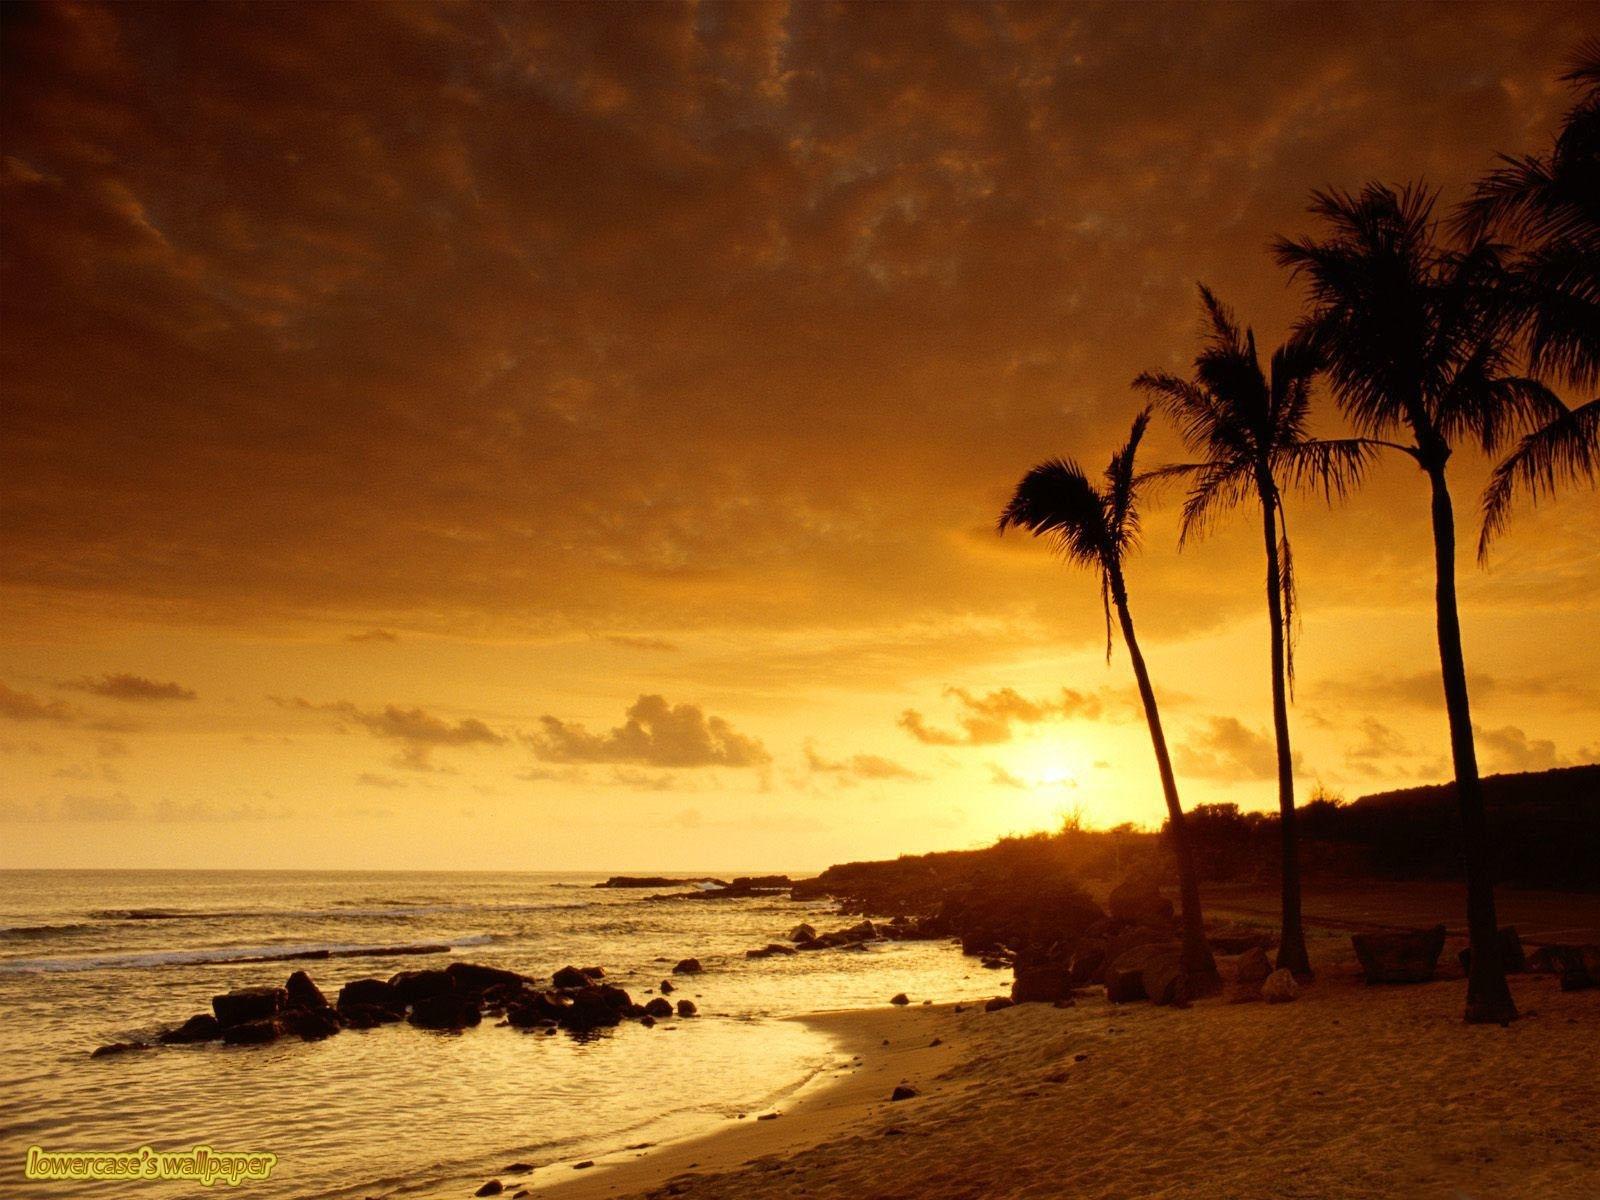 6078 скачать обои Пейзаж, Закат, Море, Пальмы - заставки и картинки бесплатно